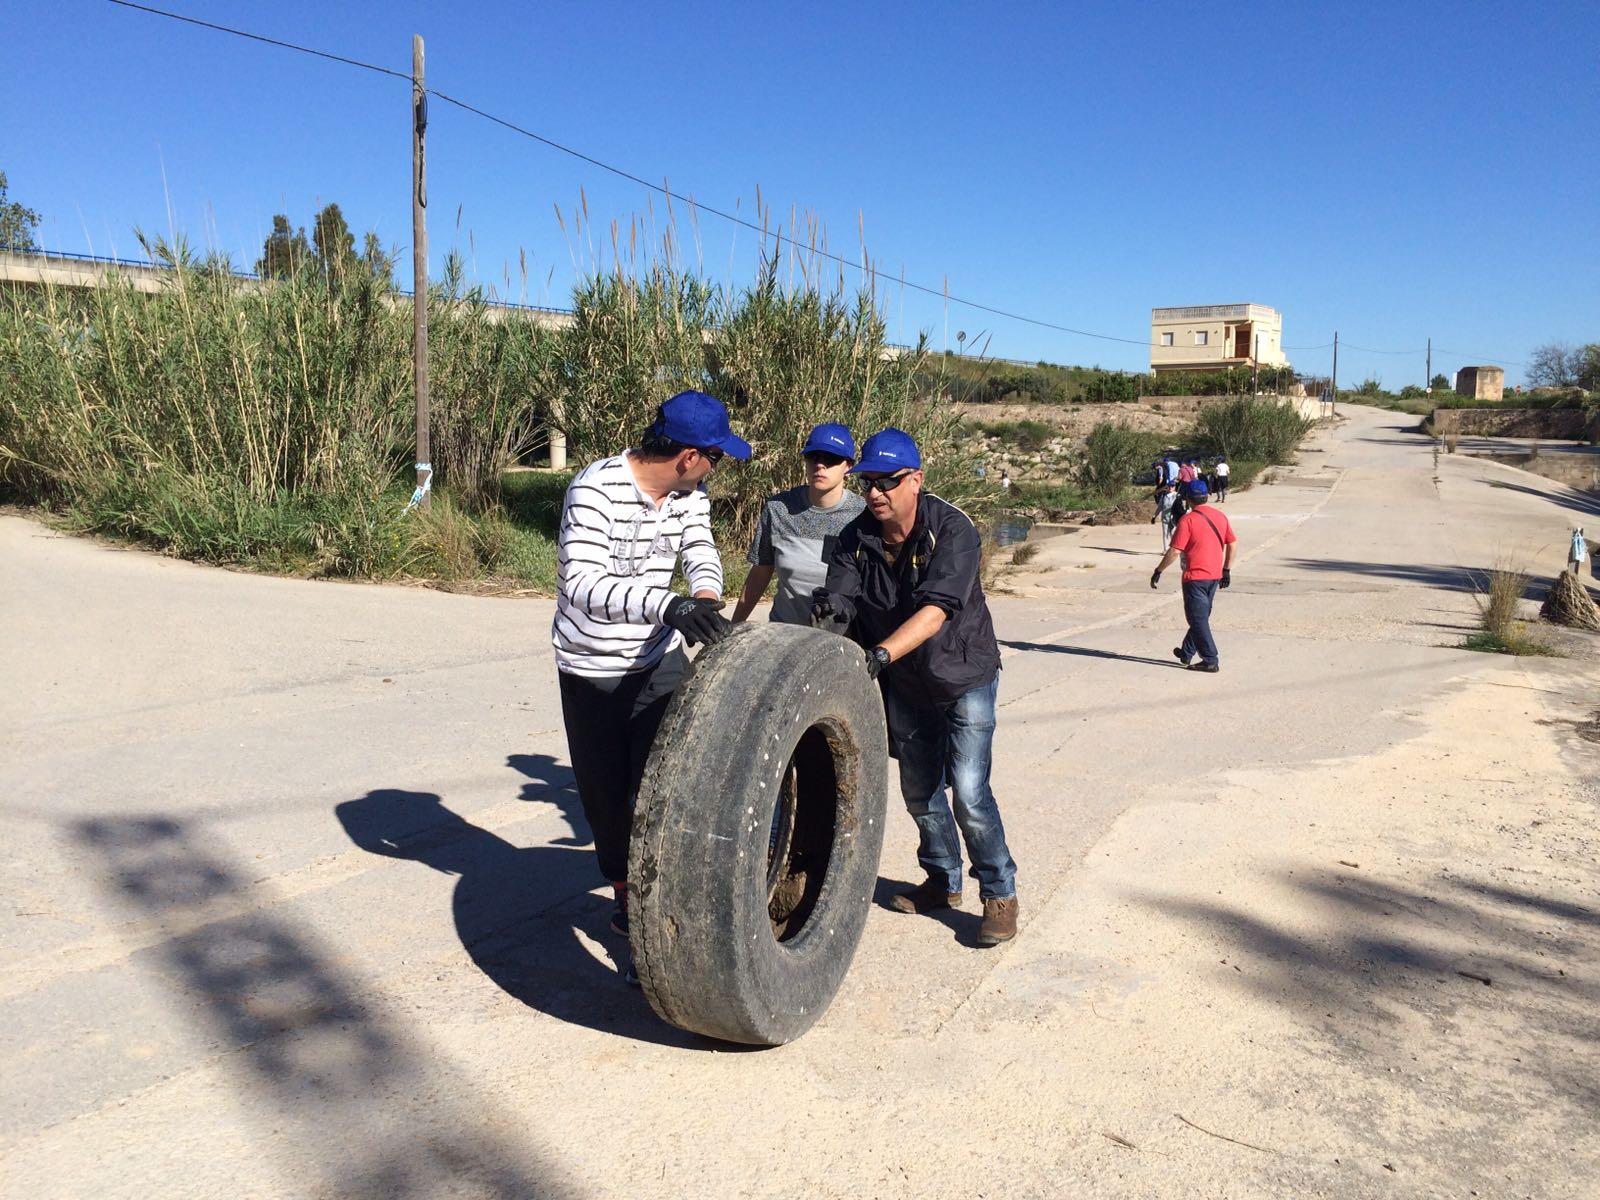 Extrayendo una gran rueda del cauce. Imagen: Fundación Limne